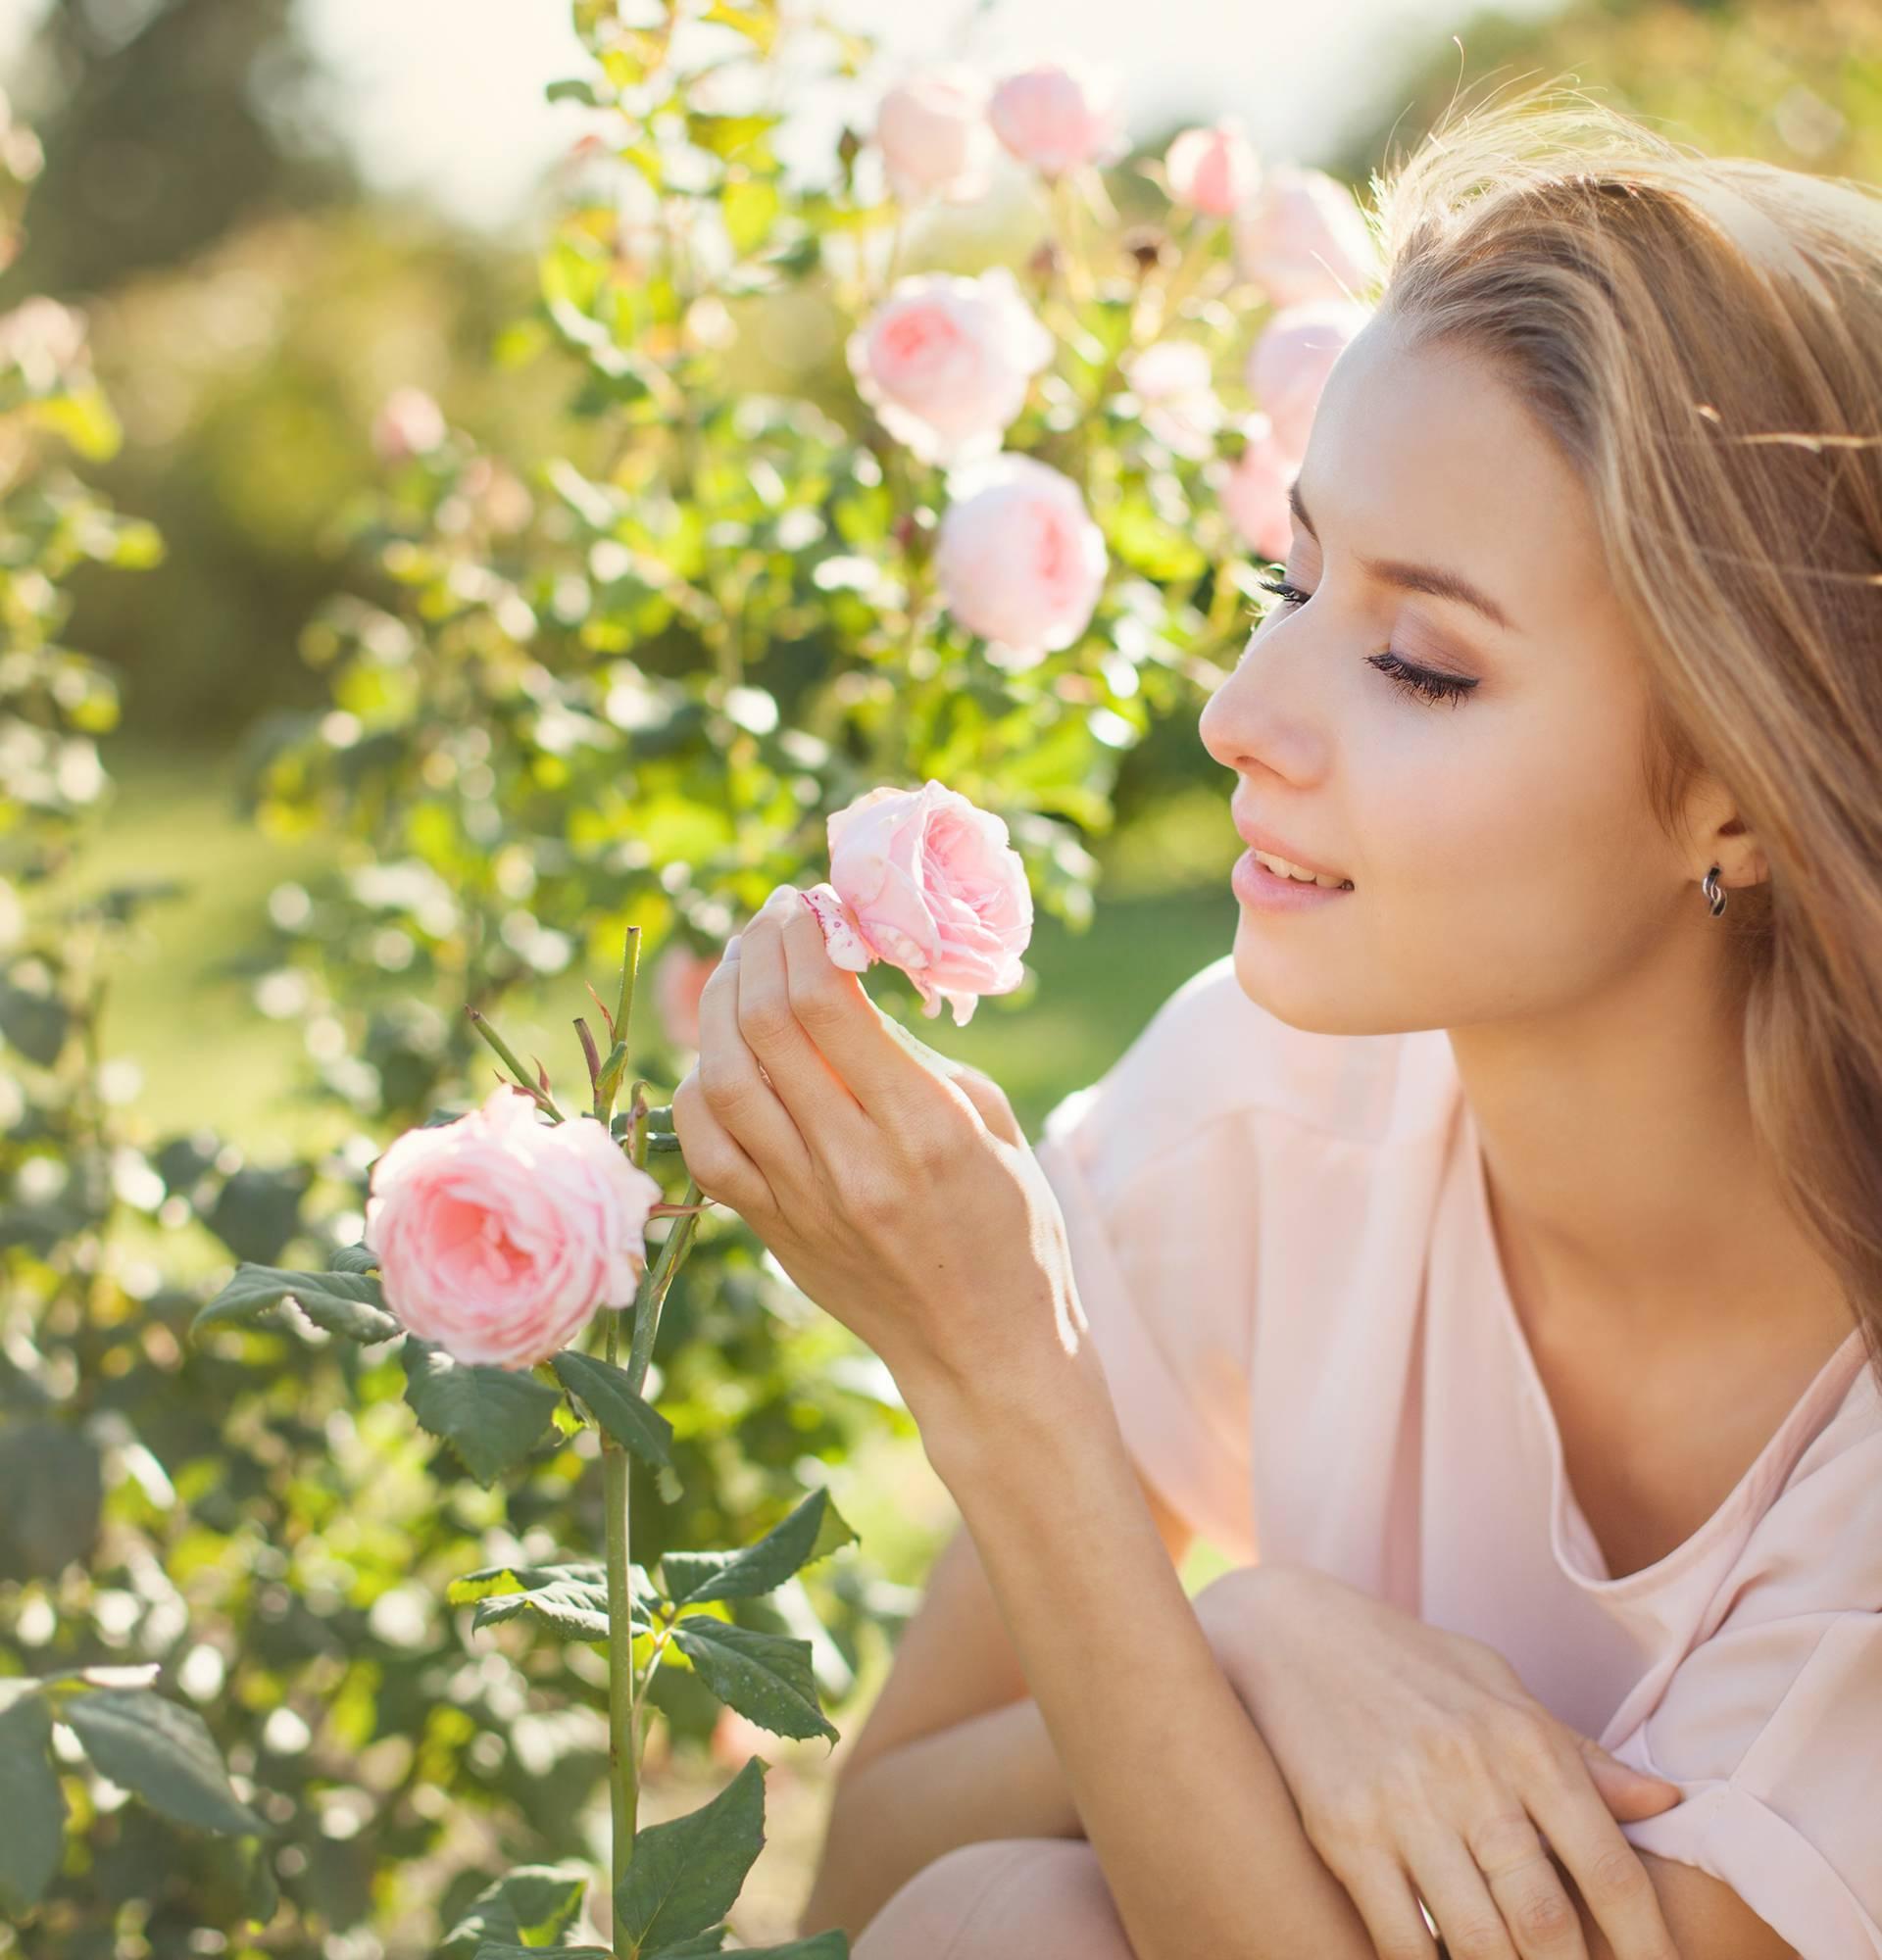 Je li ti draži miris cvijeća ili benzina? Saznaj miris za sebe